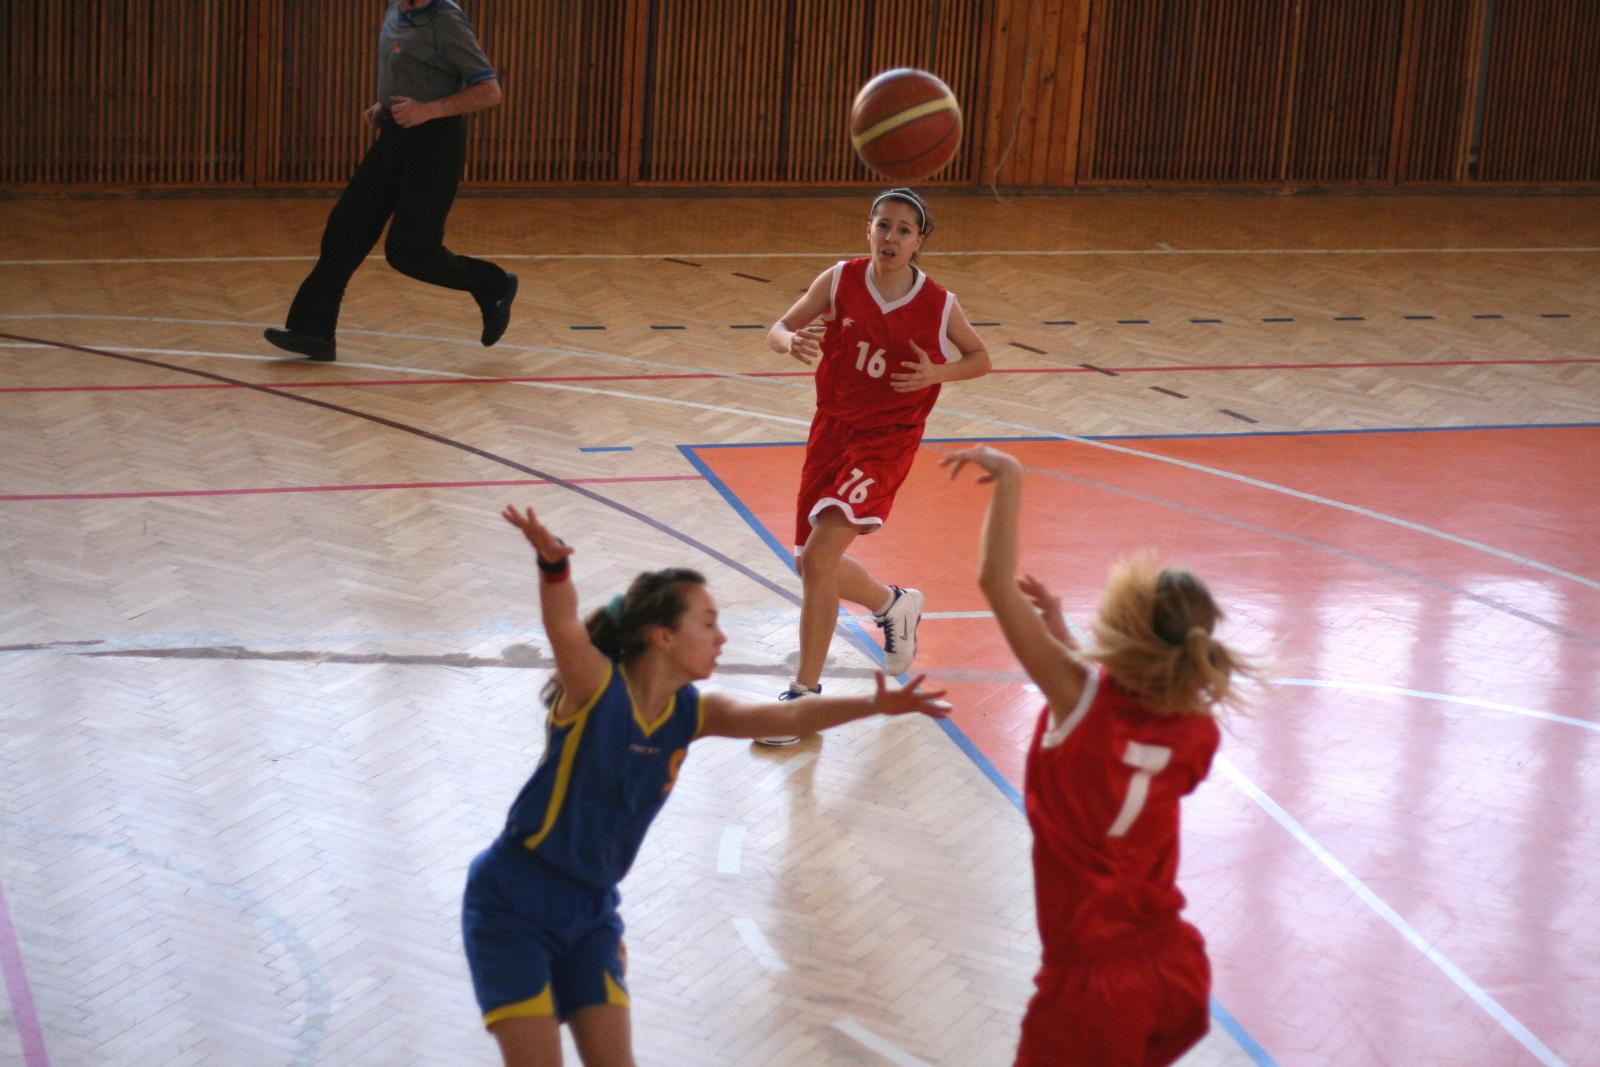 bk-zs-zvolen-bkz-lokomotiva-sered-basketbal-kadetky-8